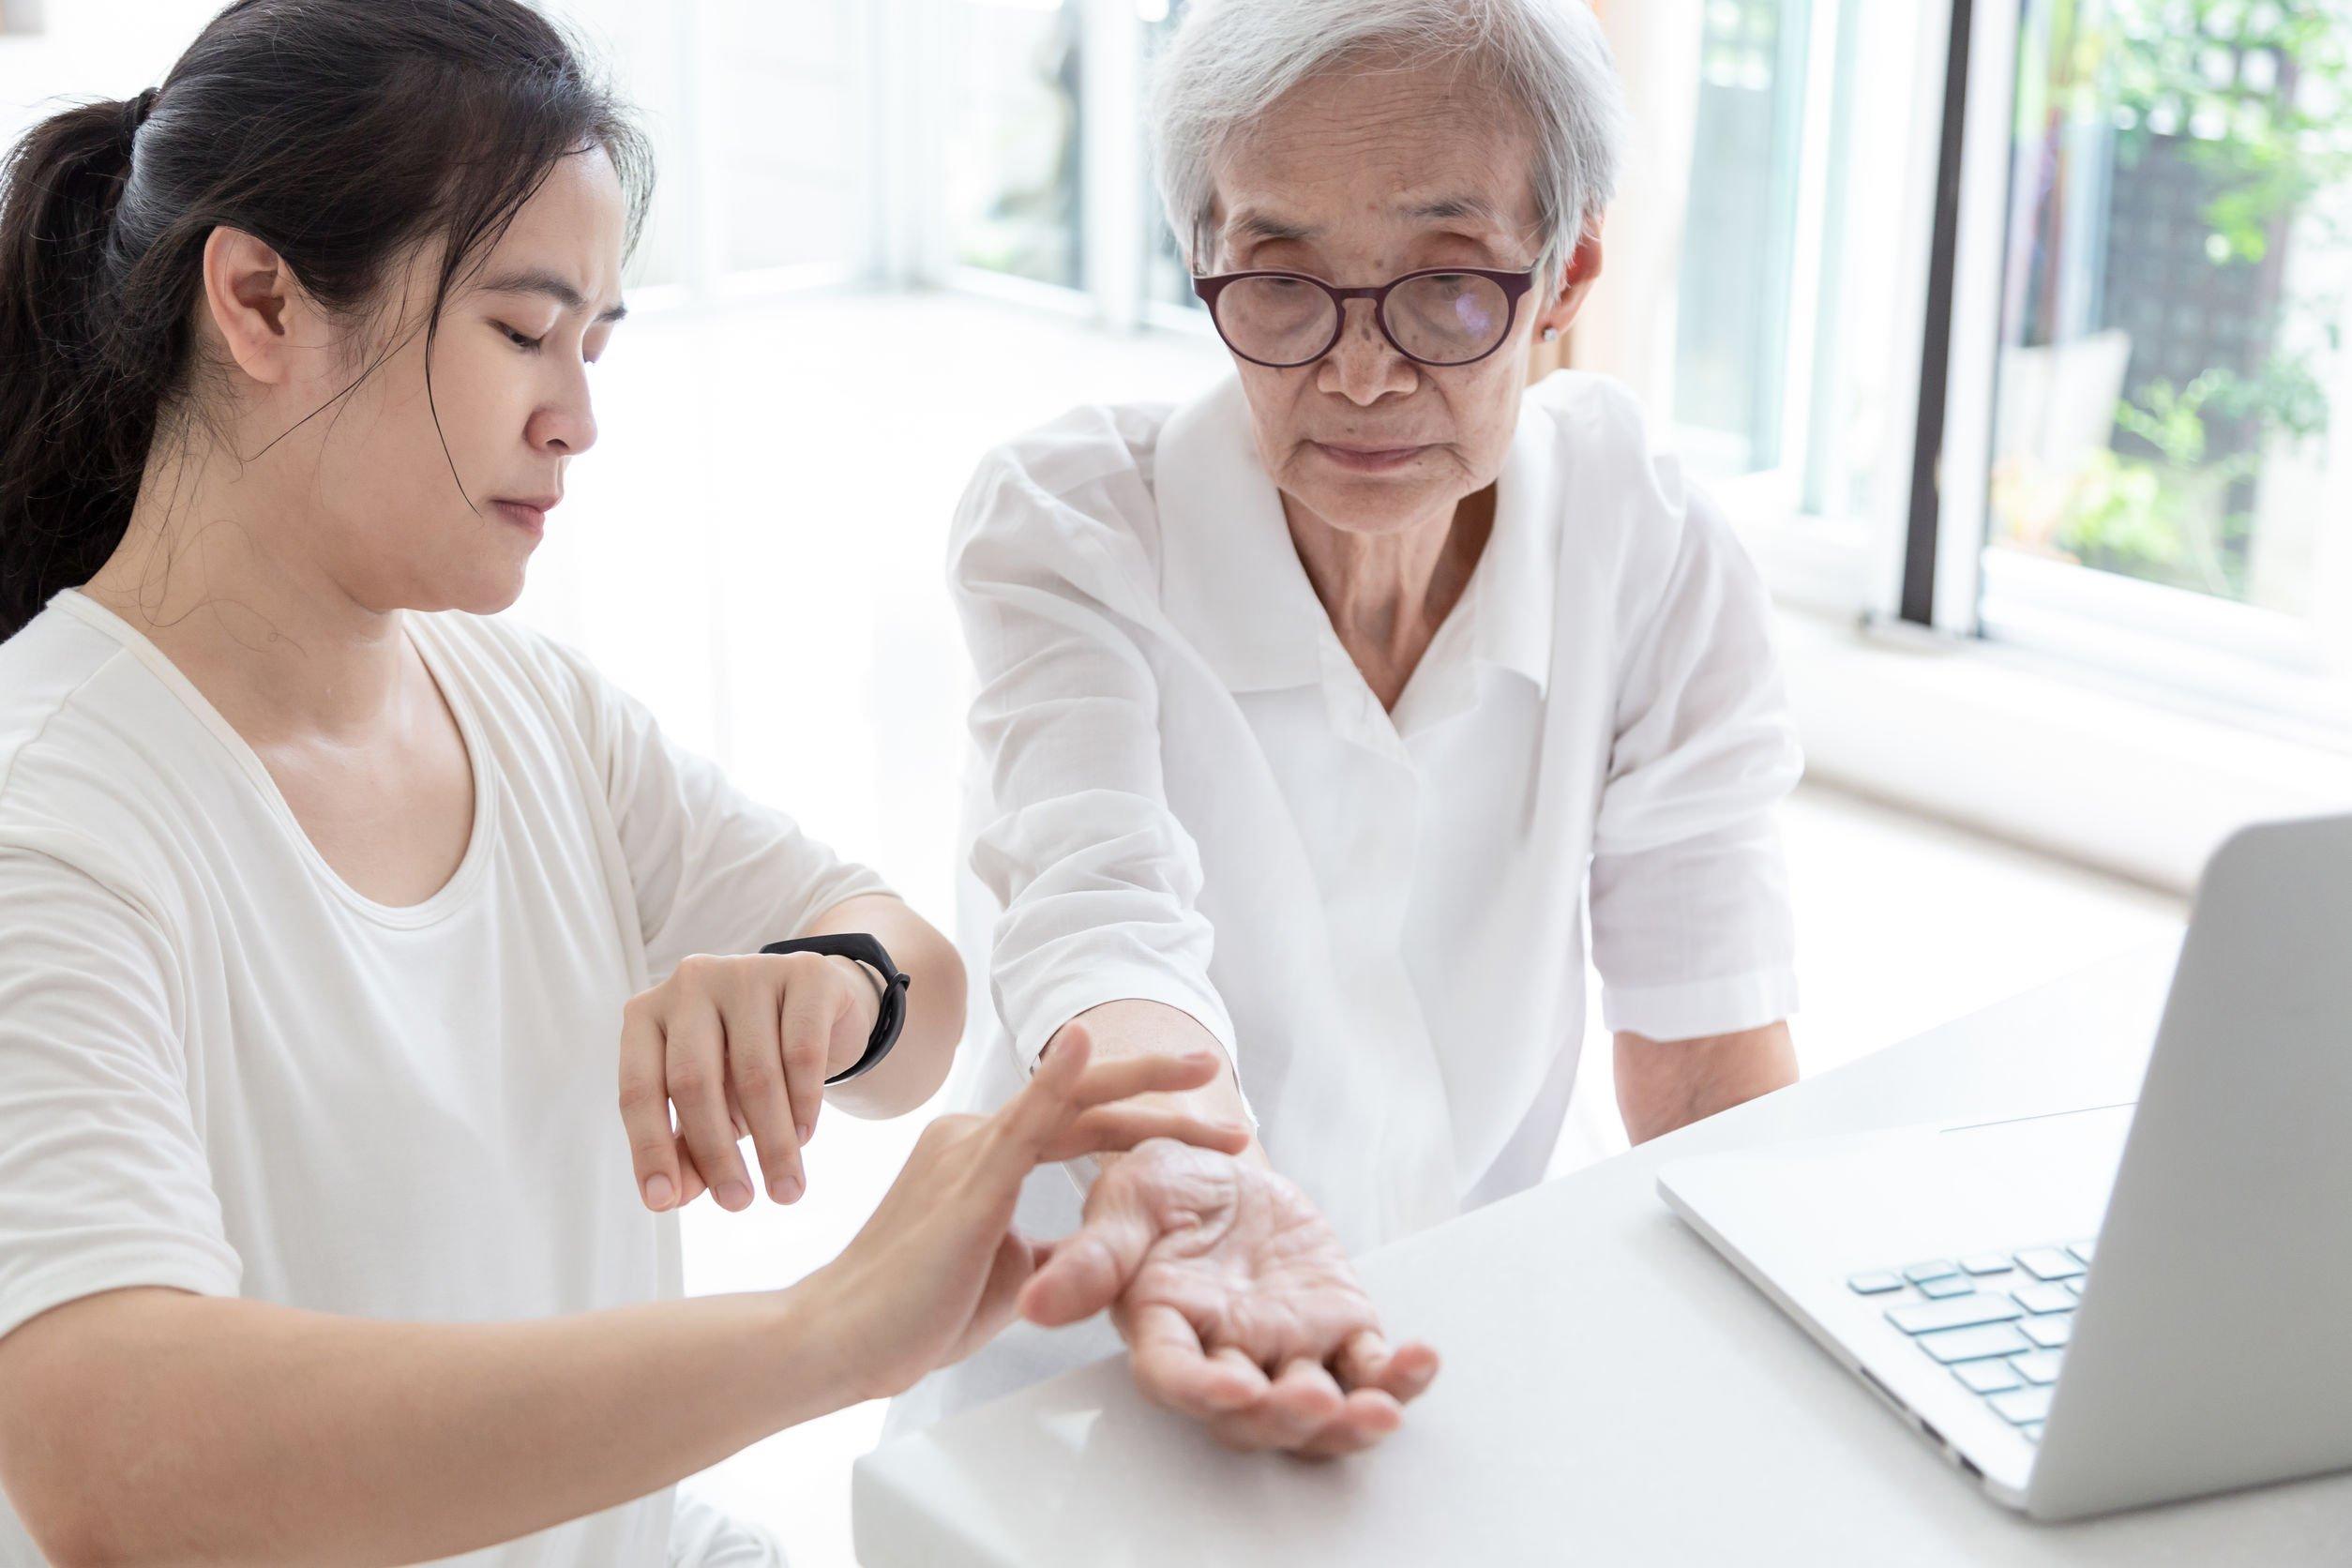 Mulher cuidadora segurando braço de senhora de idade para verificar a frequência cardíaca dela